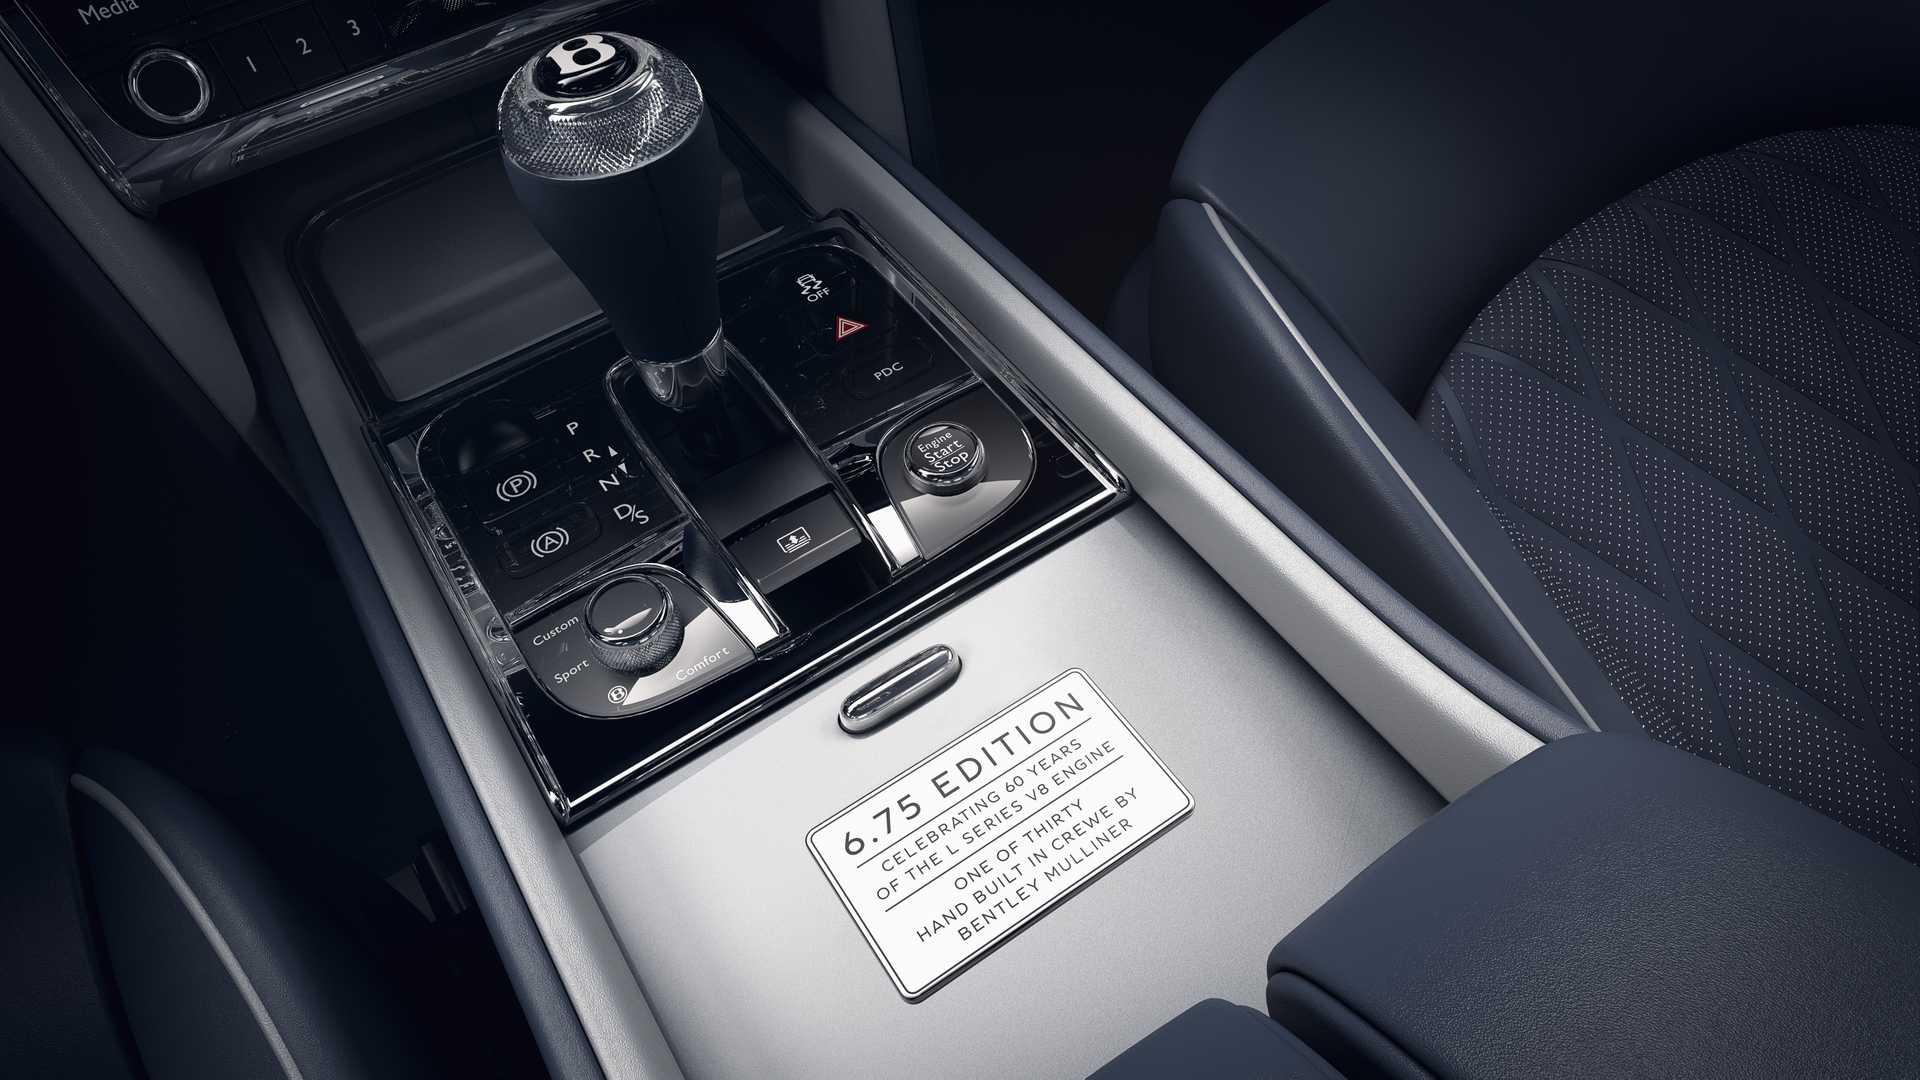 Bentley Mulsanne 6.75 Edition, mạnh 530 mã lực, phiên bản giới hạn 50 chiếc - 9